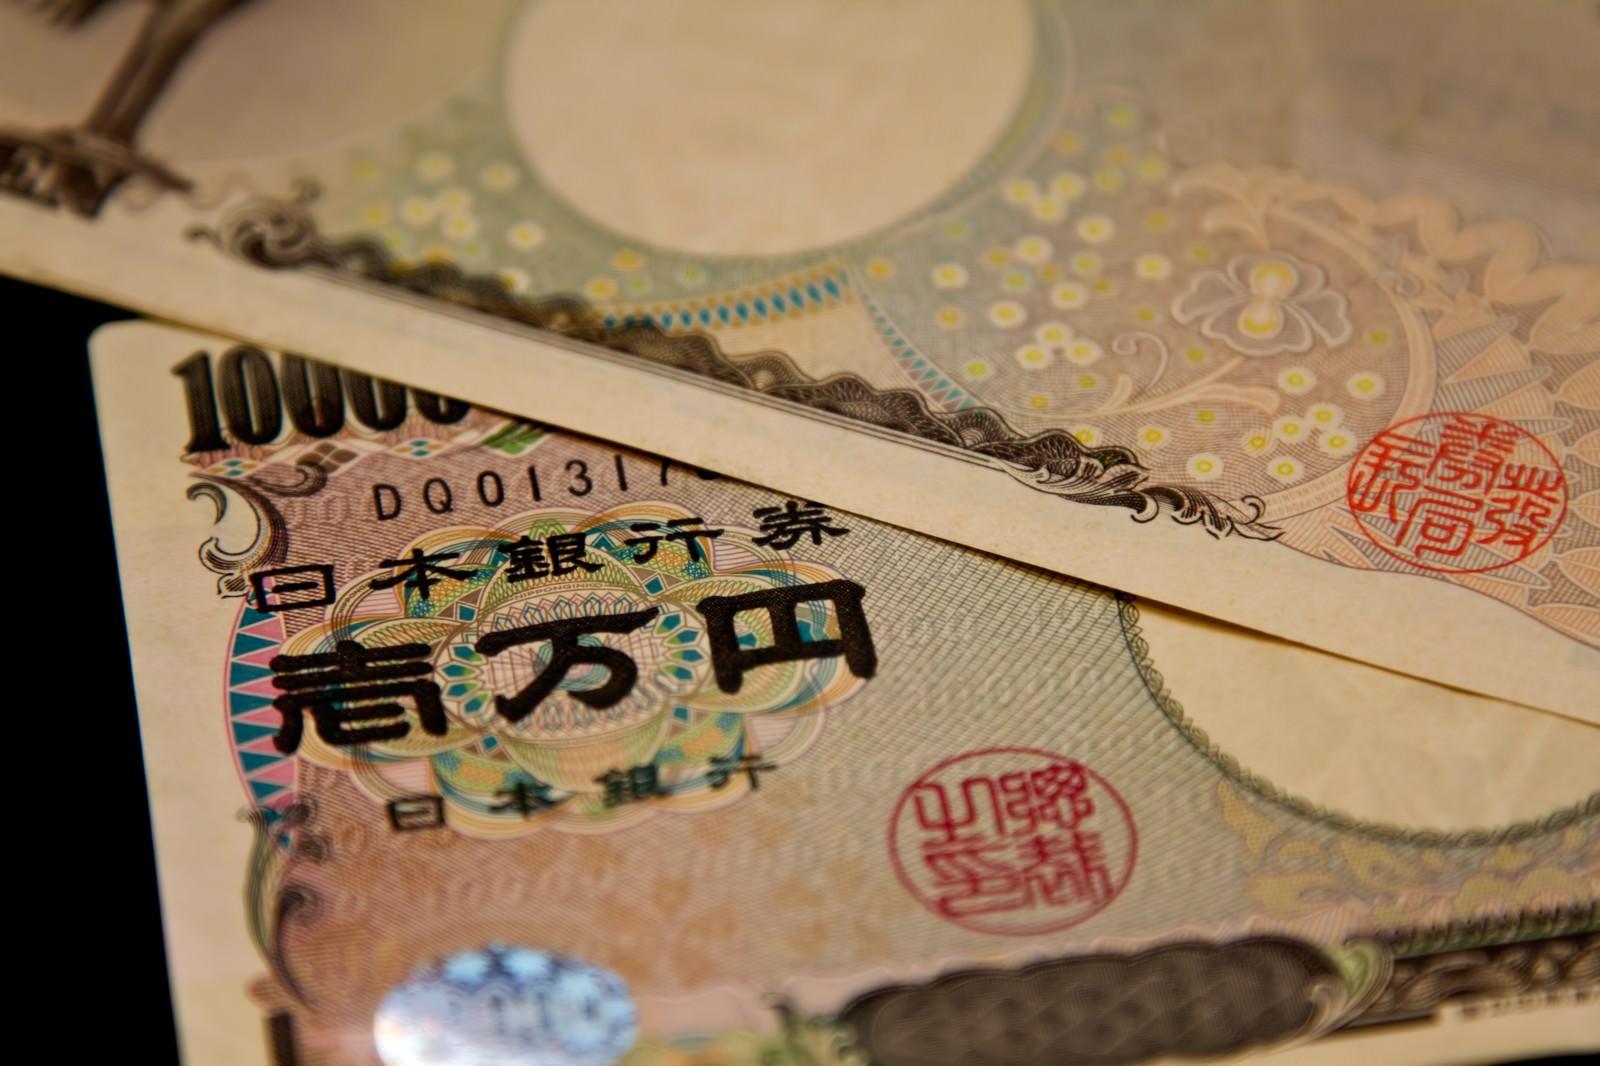 俺「給料(33万円)入金されたらしいぞん」 嫁「じゃあこれ。今月のお小遣い3万円」